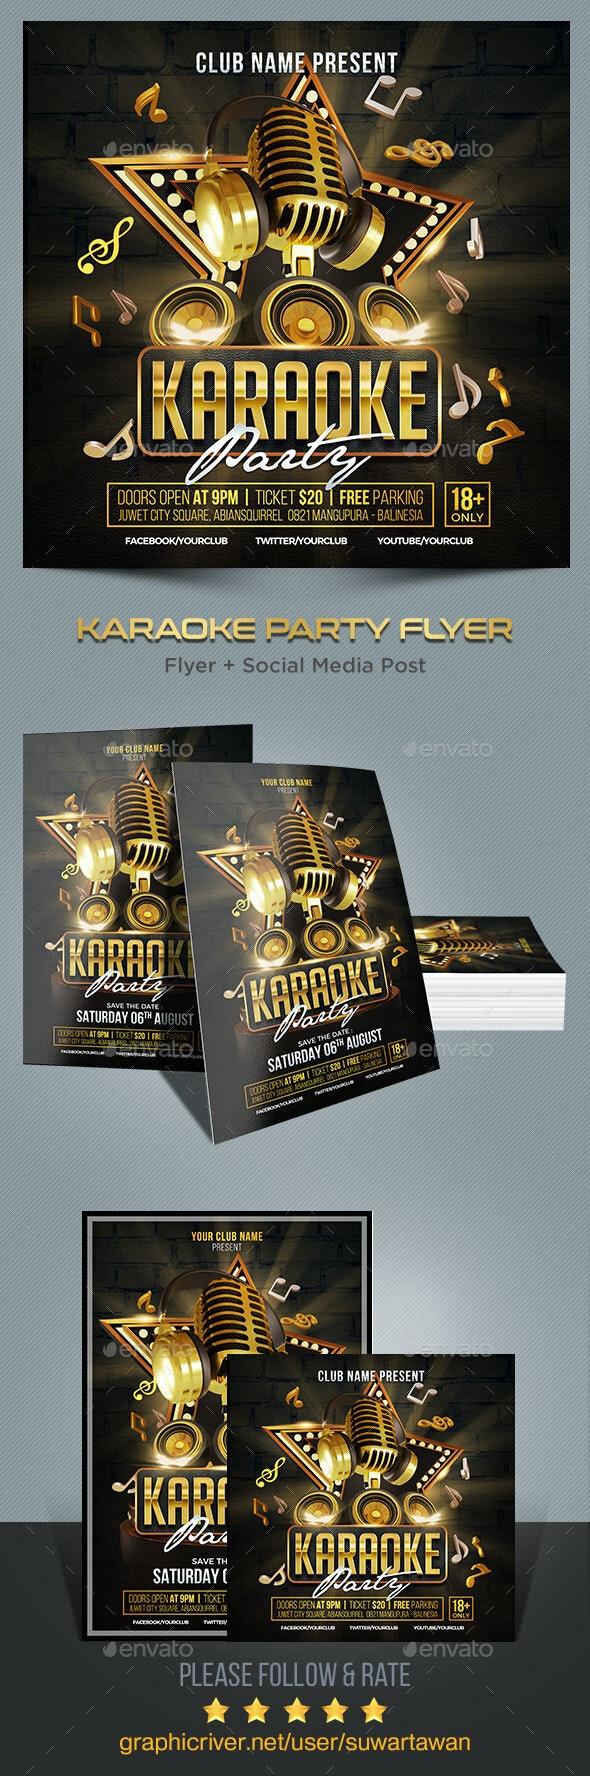 Karaoke Party Flyer - Print Templates